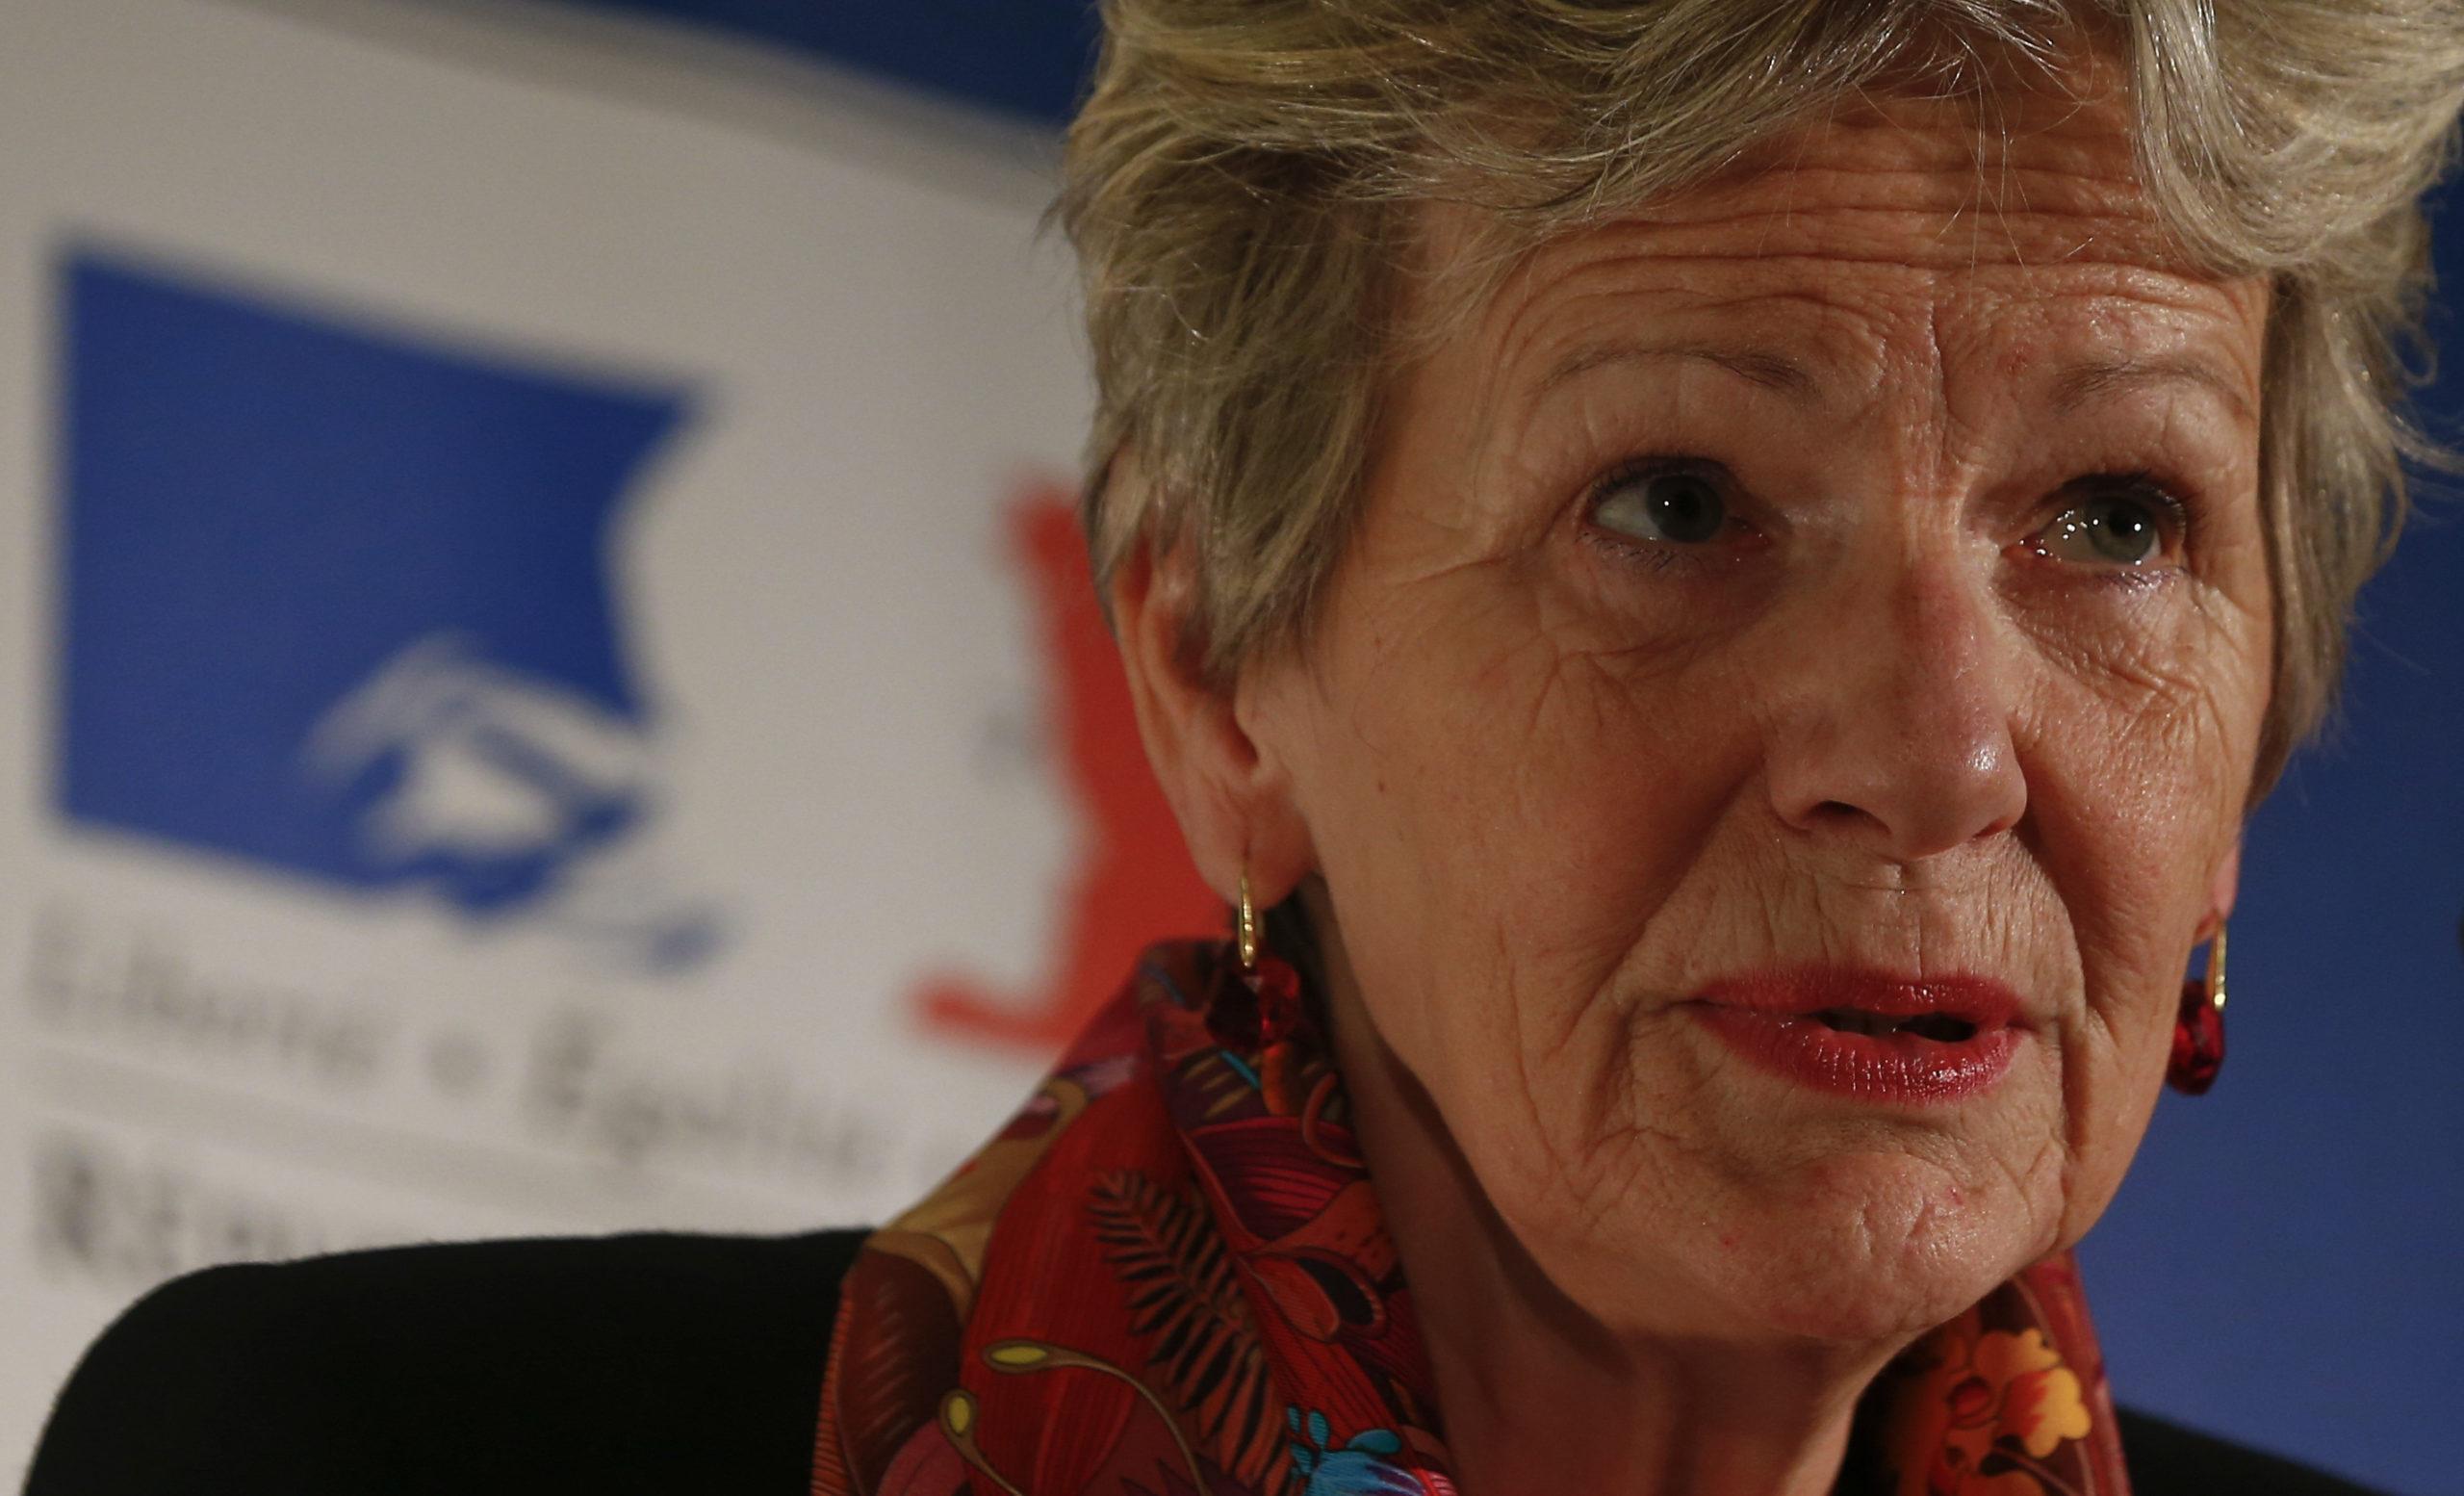 Affaire Fillon: L'ex-procureure Houlette regrette une déformation de ses propos